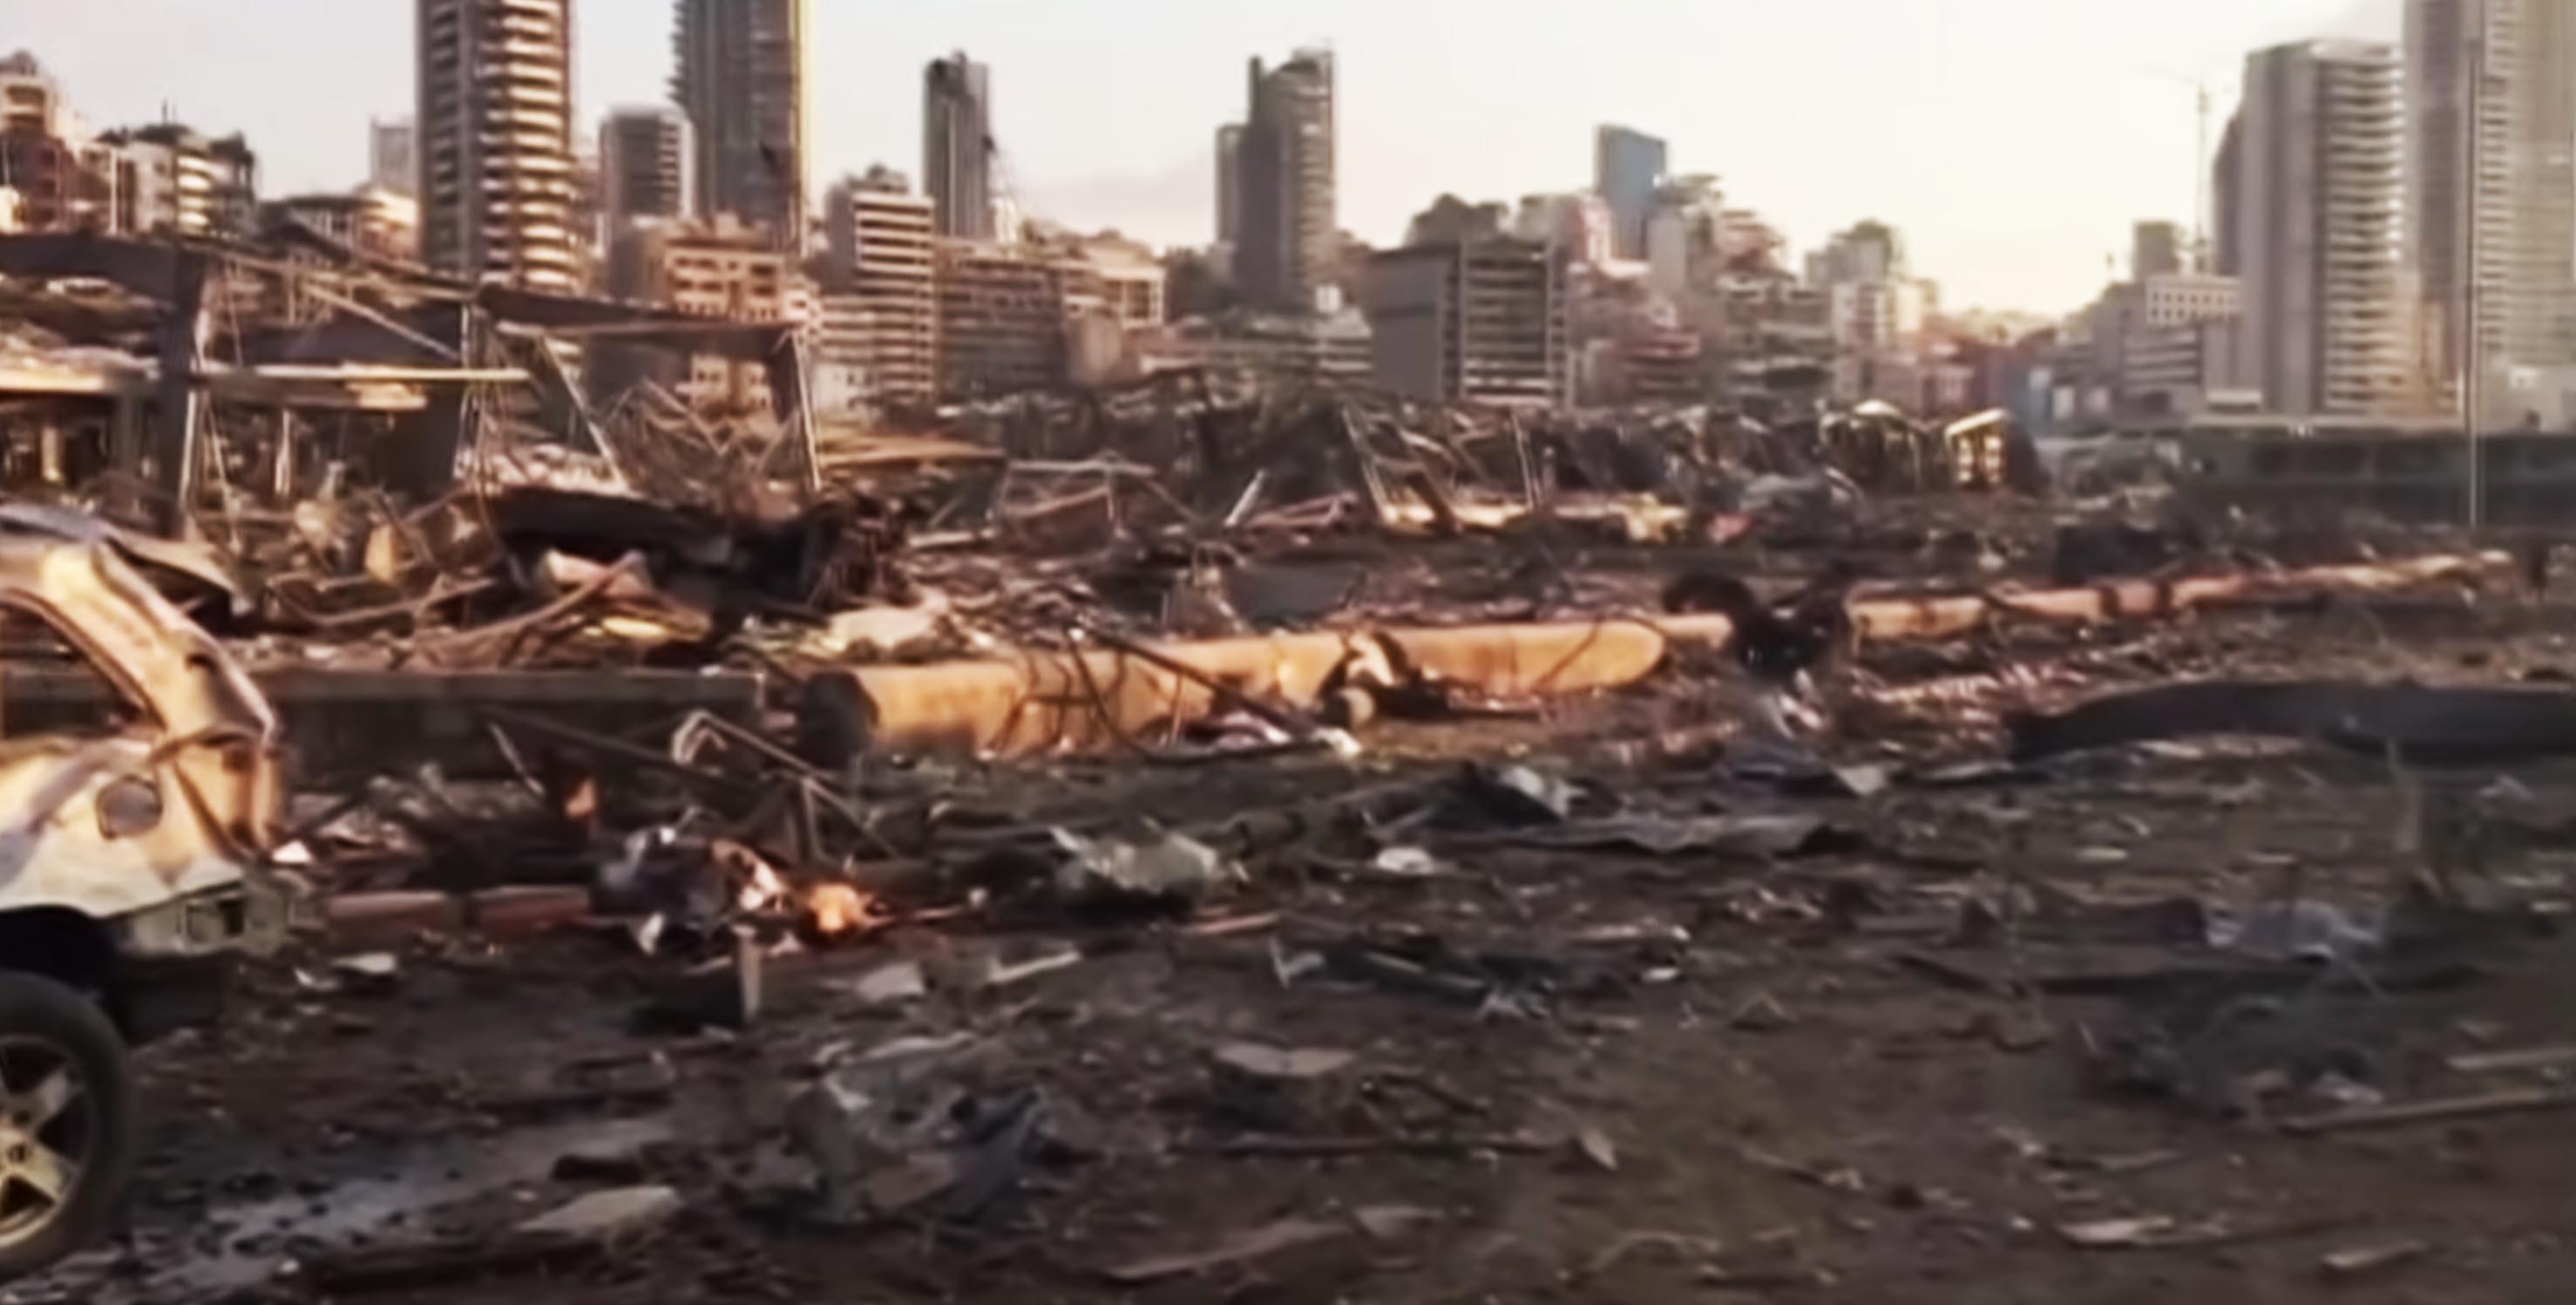 lebanon-beirut-explosion-news6